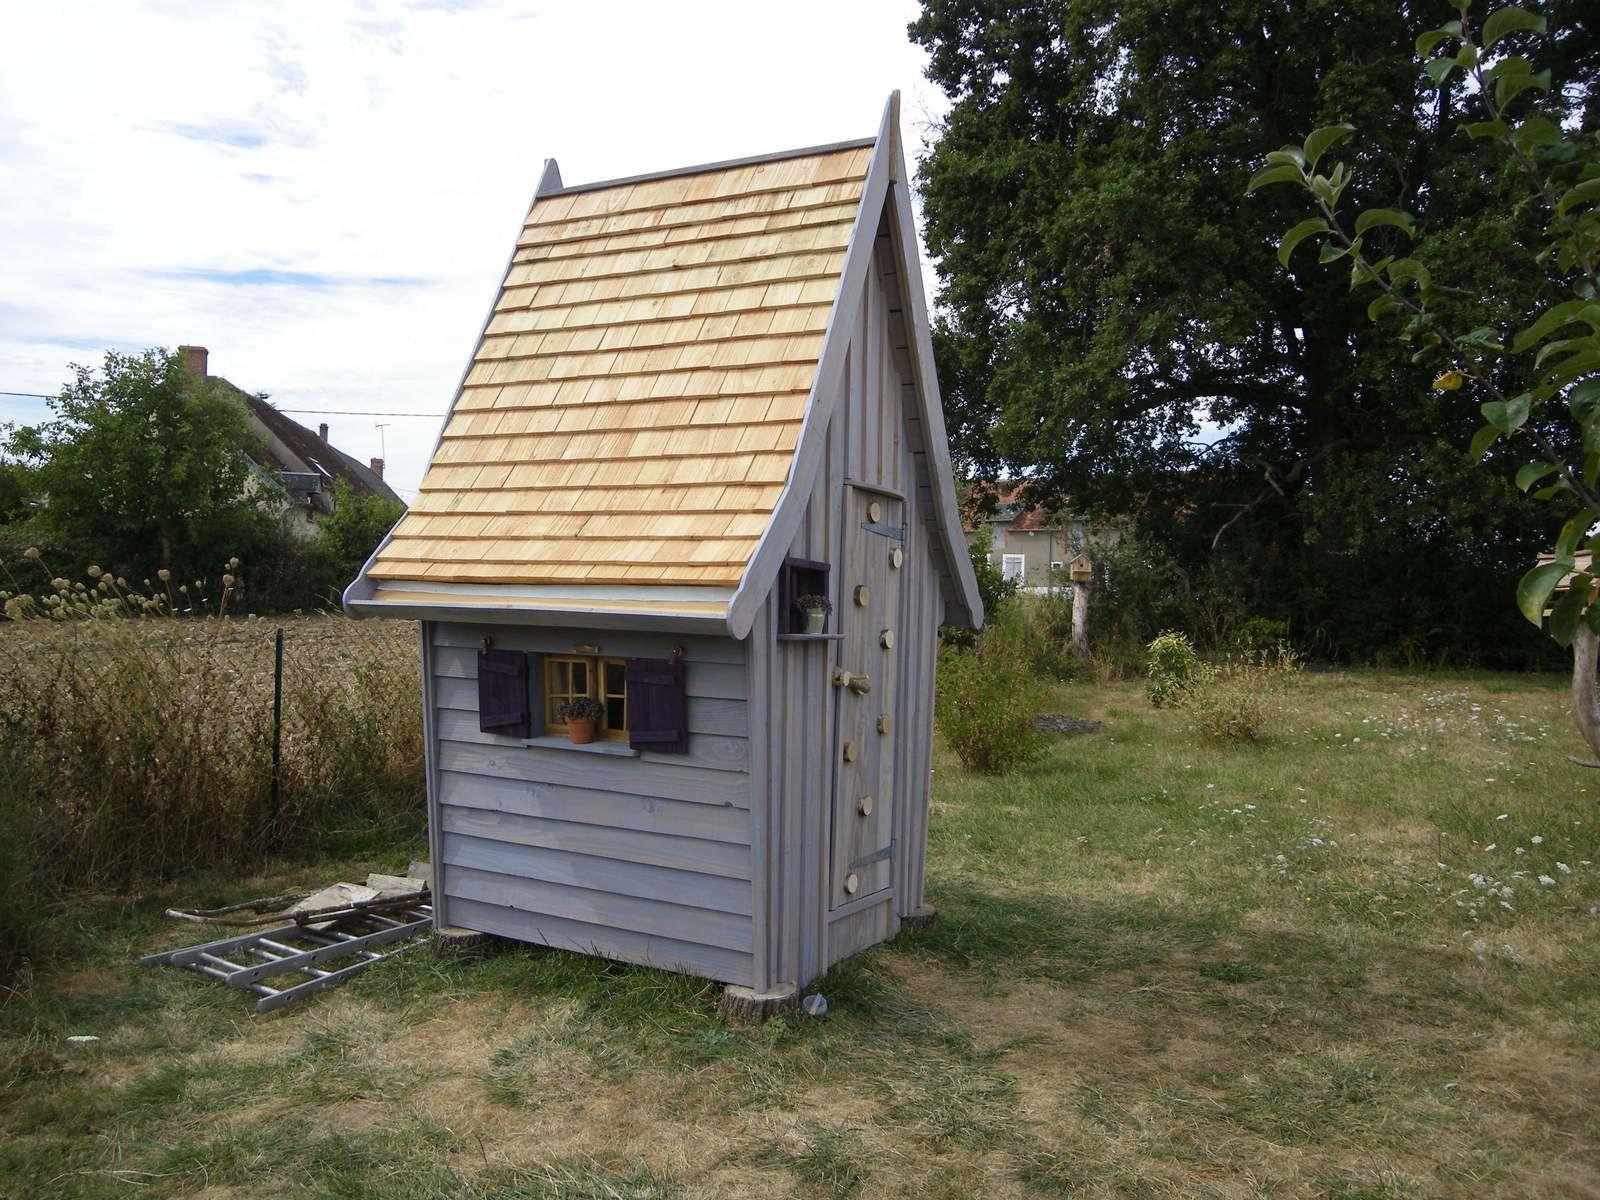 Le Jardin - Leguernouillat destiné Toilette Seche Construction